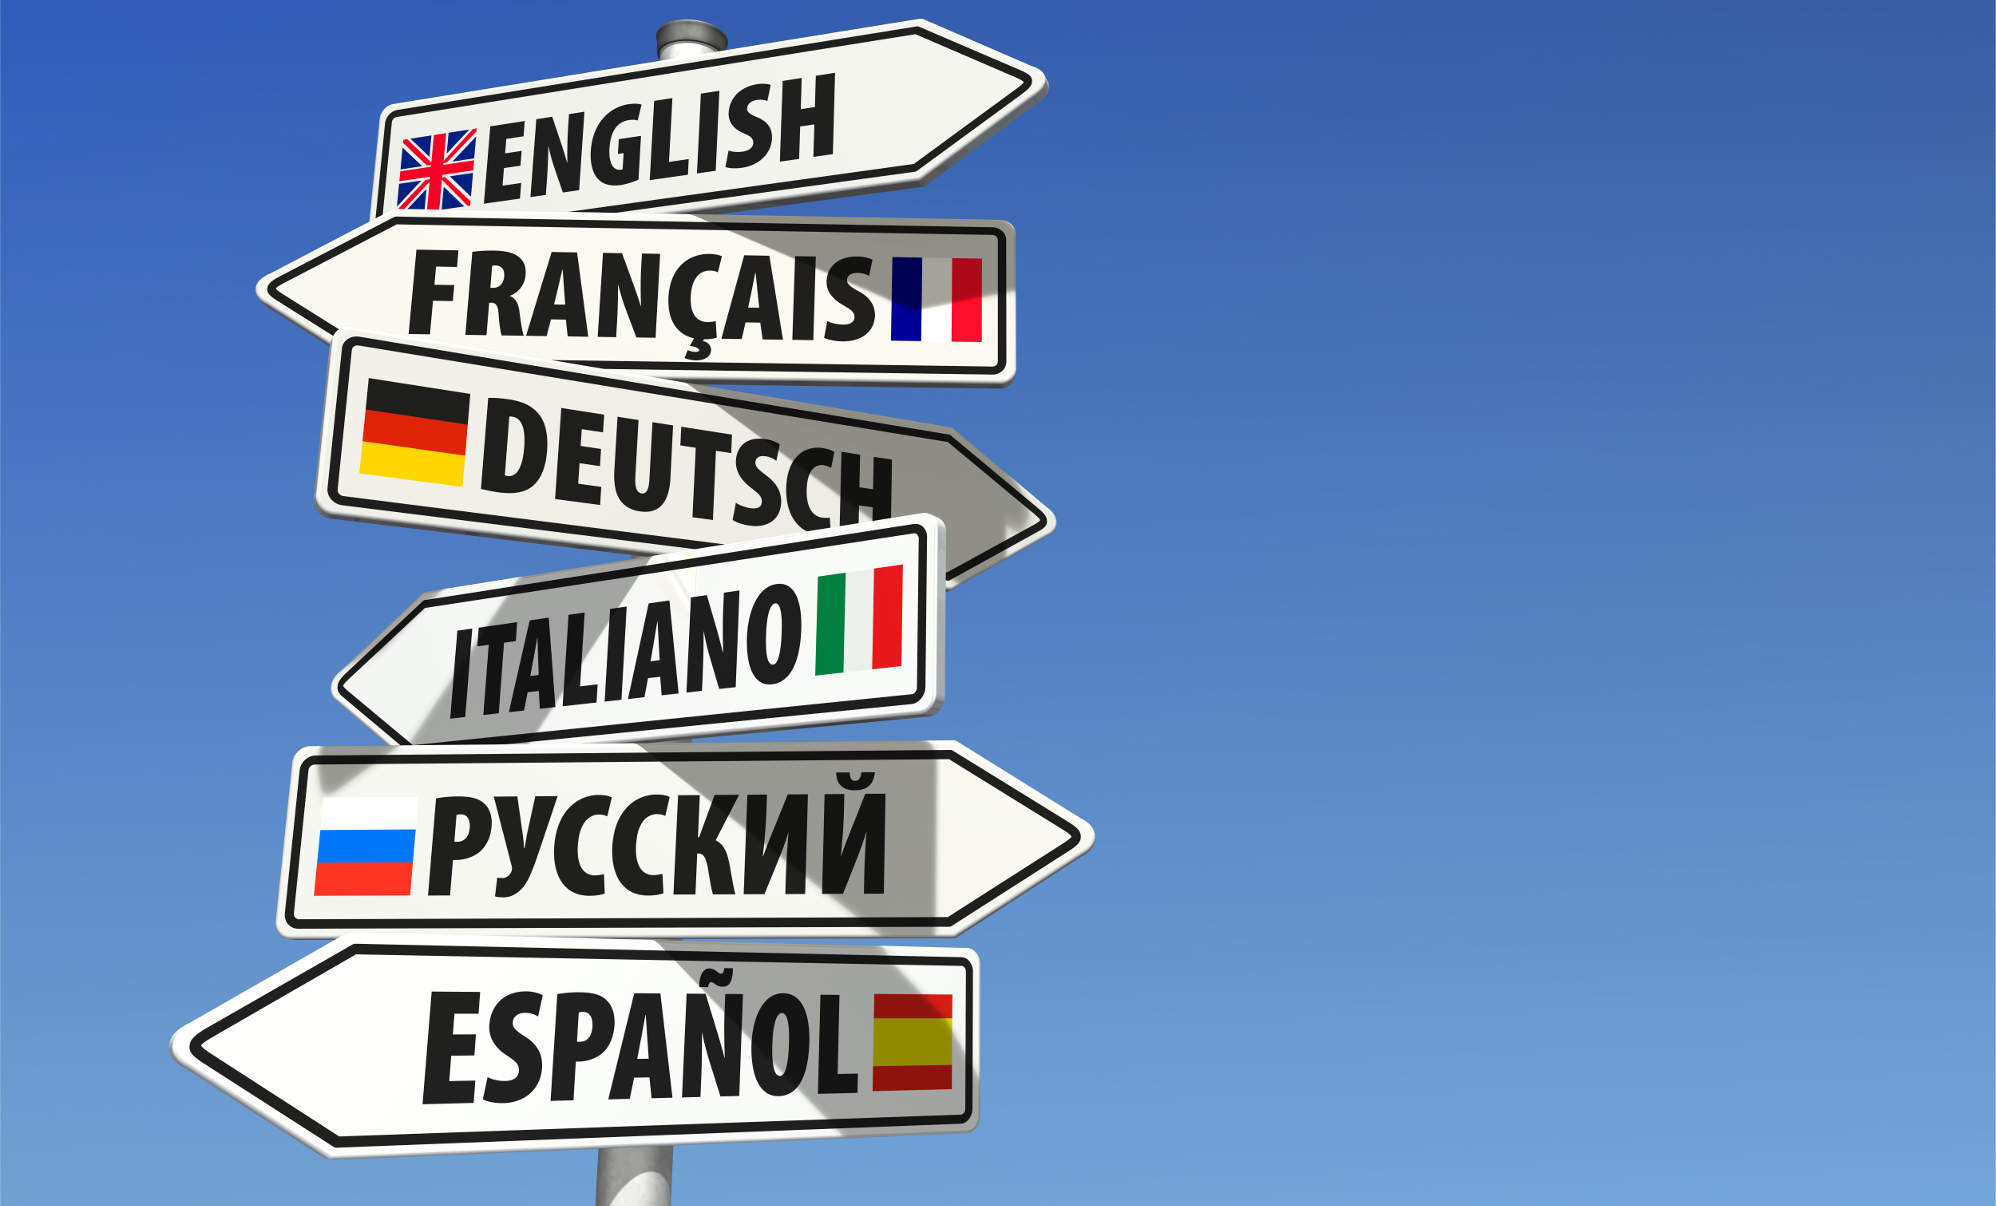 Academias De Inglés En Sevilla Cambridge Y Cursos En El Extranjero